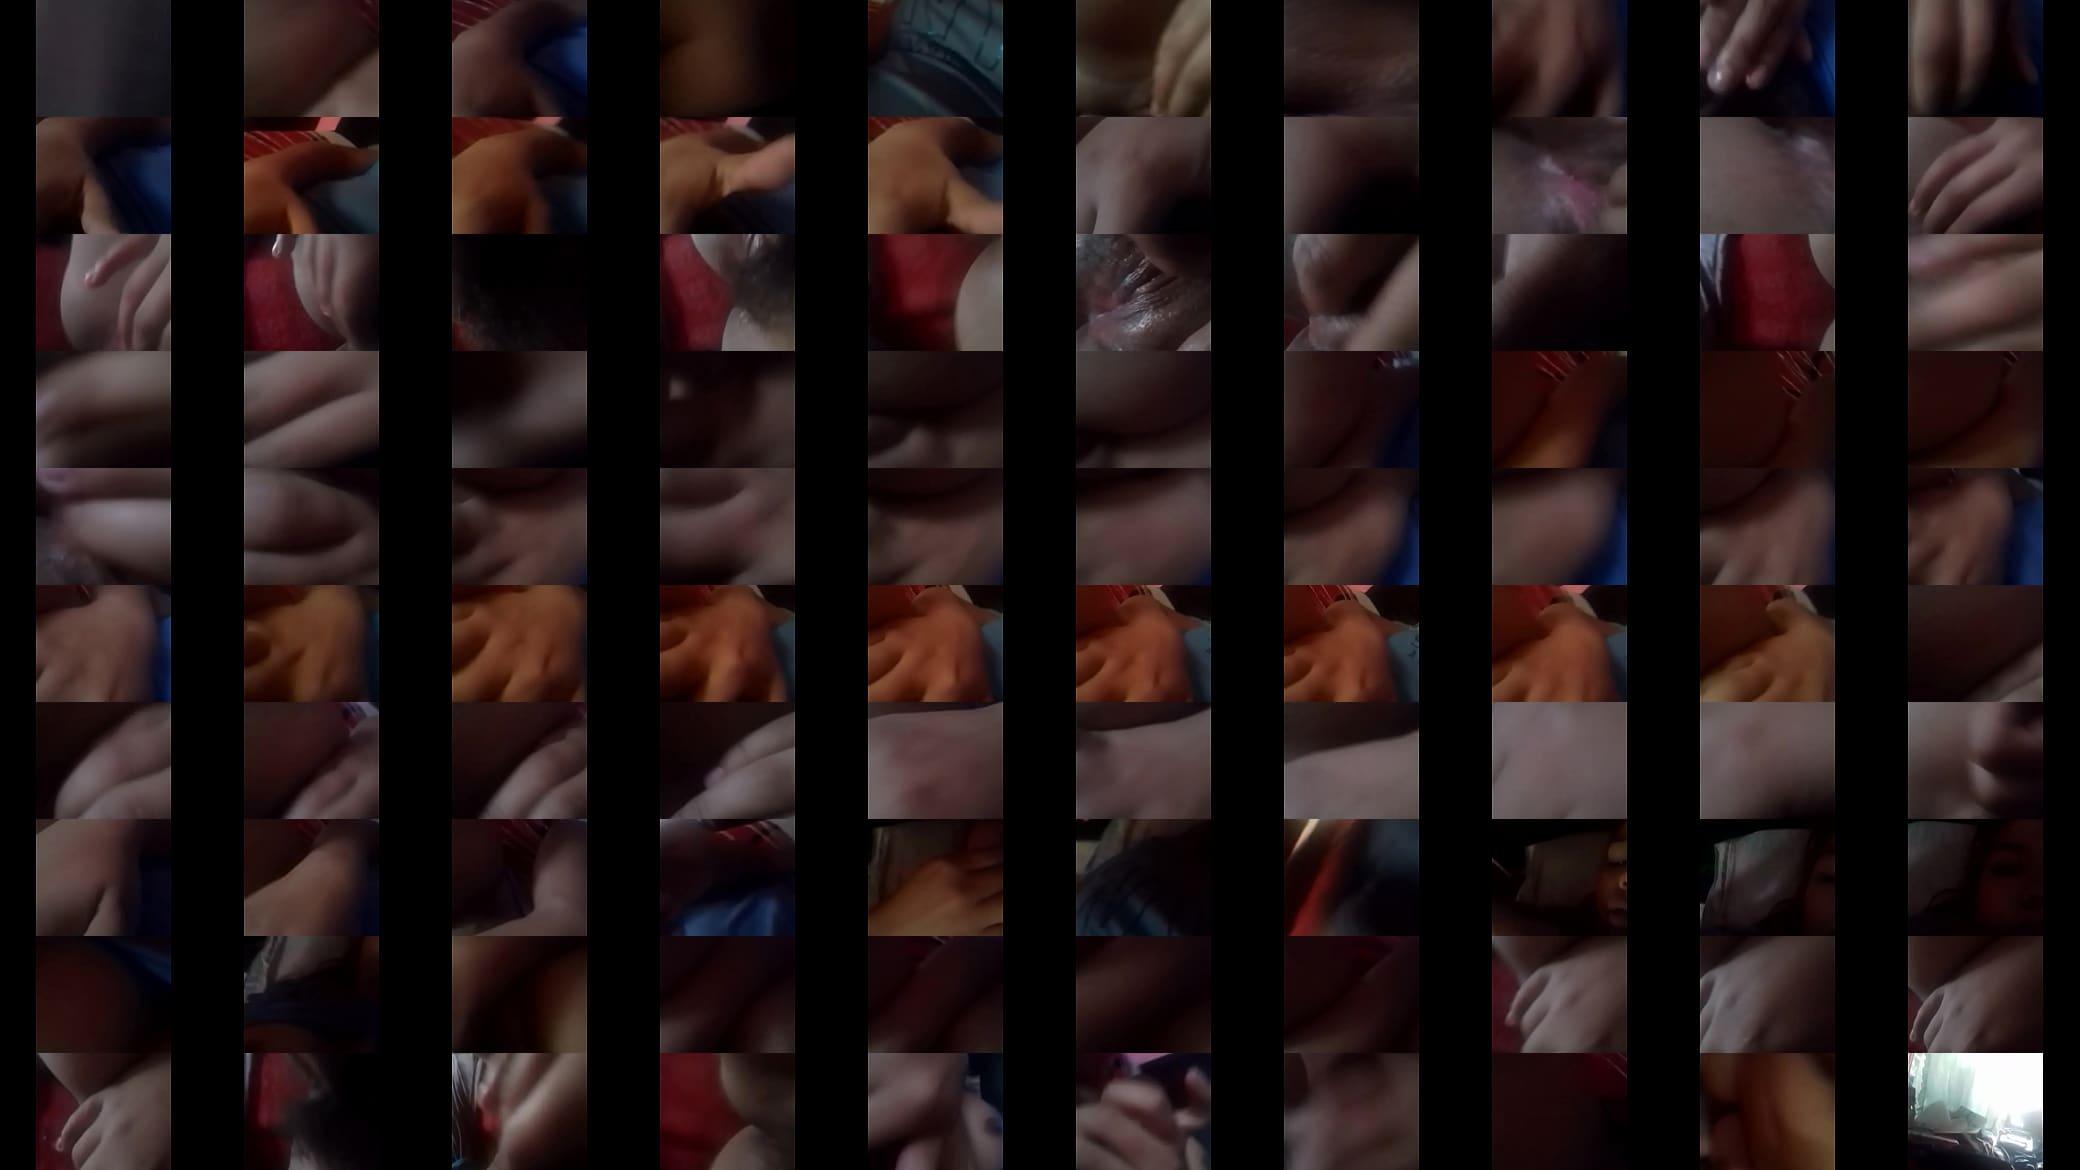 Argentina Warez Videos Porno perla cruz gallardo se masturba - xvideos